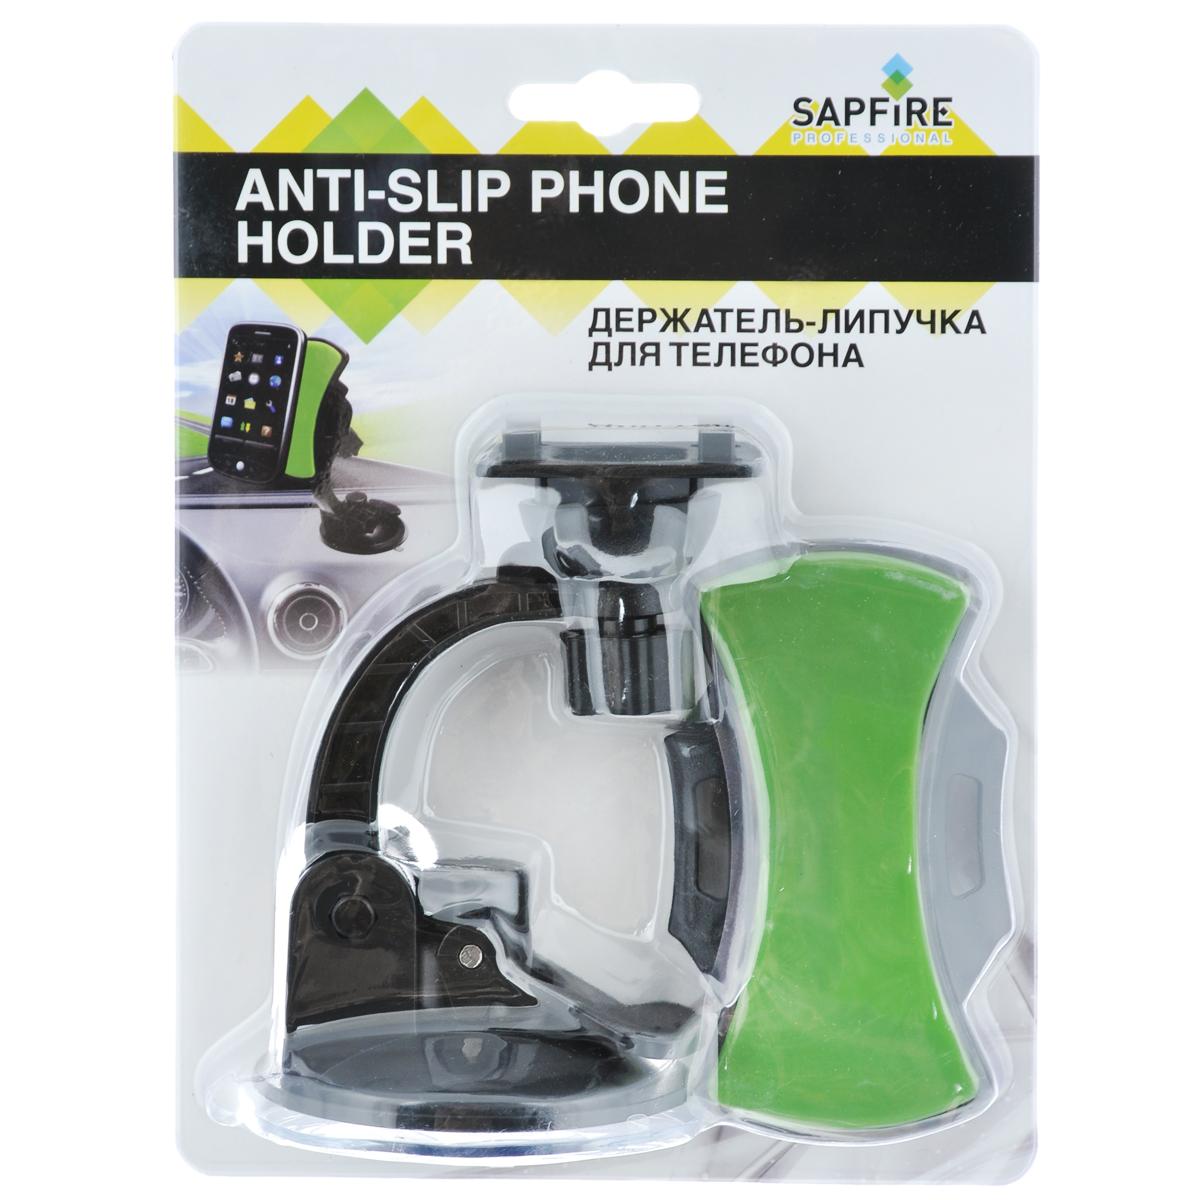 Держатель-липучка для телефона Sapfire, цвет: черный, зеленыйCARMAG1Держатель-липучка для телефона Sapfire выполнен из ударопрочного пластика. Такой держатель - это универсальное решение для крепления мобильных телефонов. Ударопрочная противоскользящая конструкция гарантирует удобство пользования и сохранность вашего устройства. Уникальное полимерное покрытие прекрасно удерживает телефон, нужно только прислонить устройство к нему, если покрытие утрачивает липкость, его надо просто помыть водой. Поворотный механизм на 360° позволяет устанавливать наиболее удобный угол использования. Вакуумный зажим присосок крепится к любой гладкой поверхности: стеклянной, пластиковой или металлической. Диаметр основания держателя: 7 см. Размер липучки: 4,5 см х 9 см.